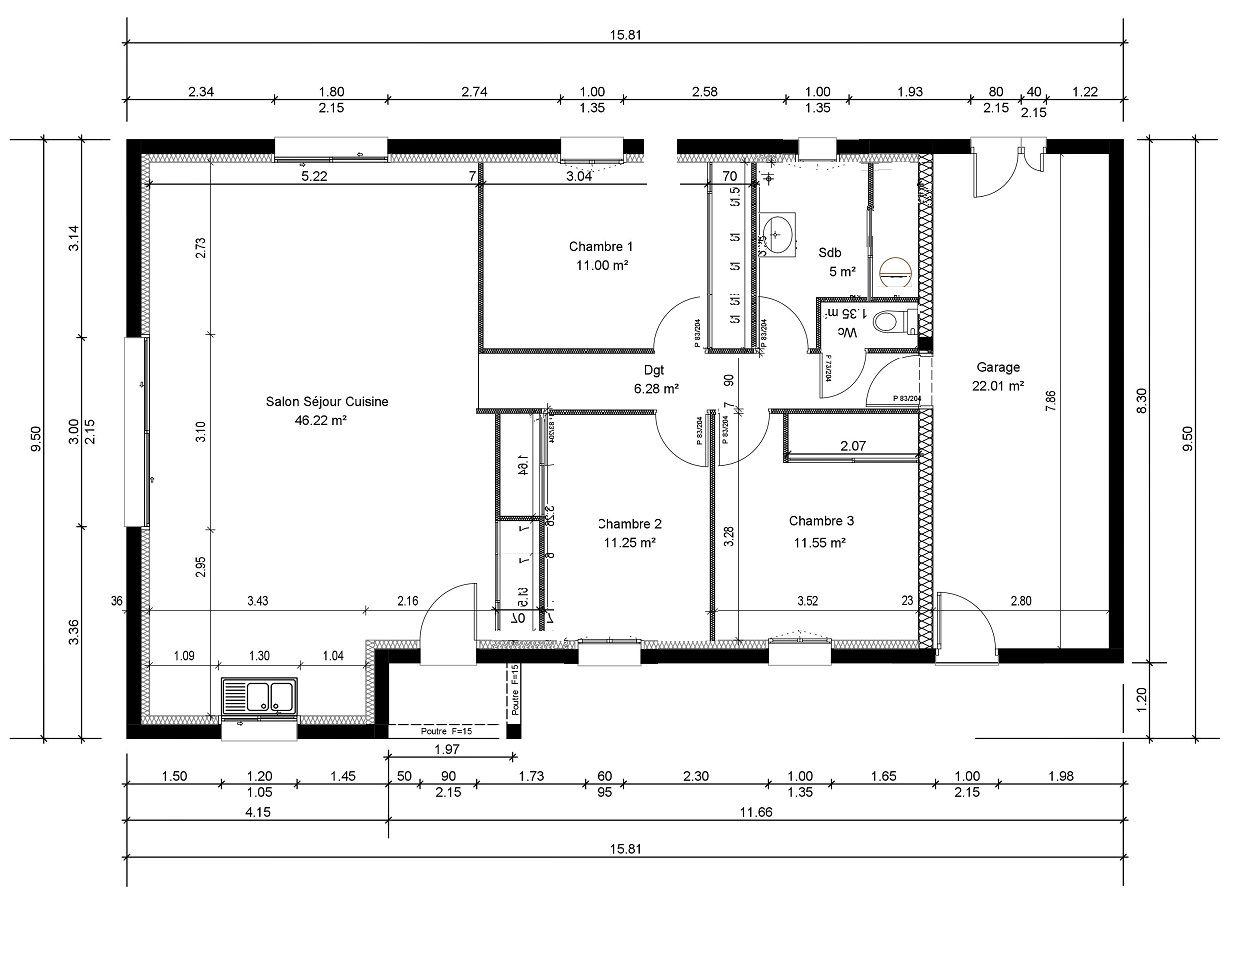 Plan De Maison Moderne 4 Chambres Gratuit Plan Maison 100m2 A Etage Plan Maison 100m2 Maison 100m2 Plan